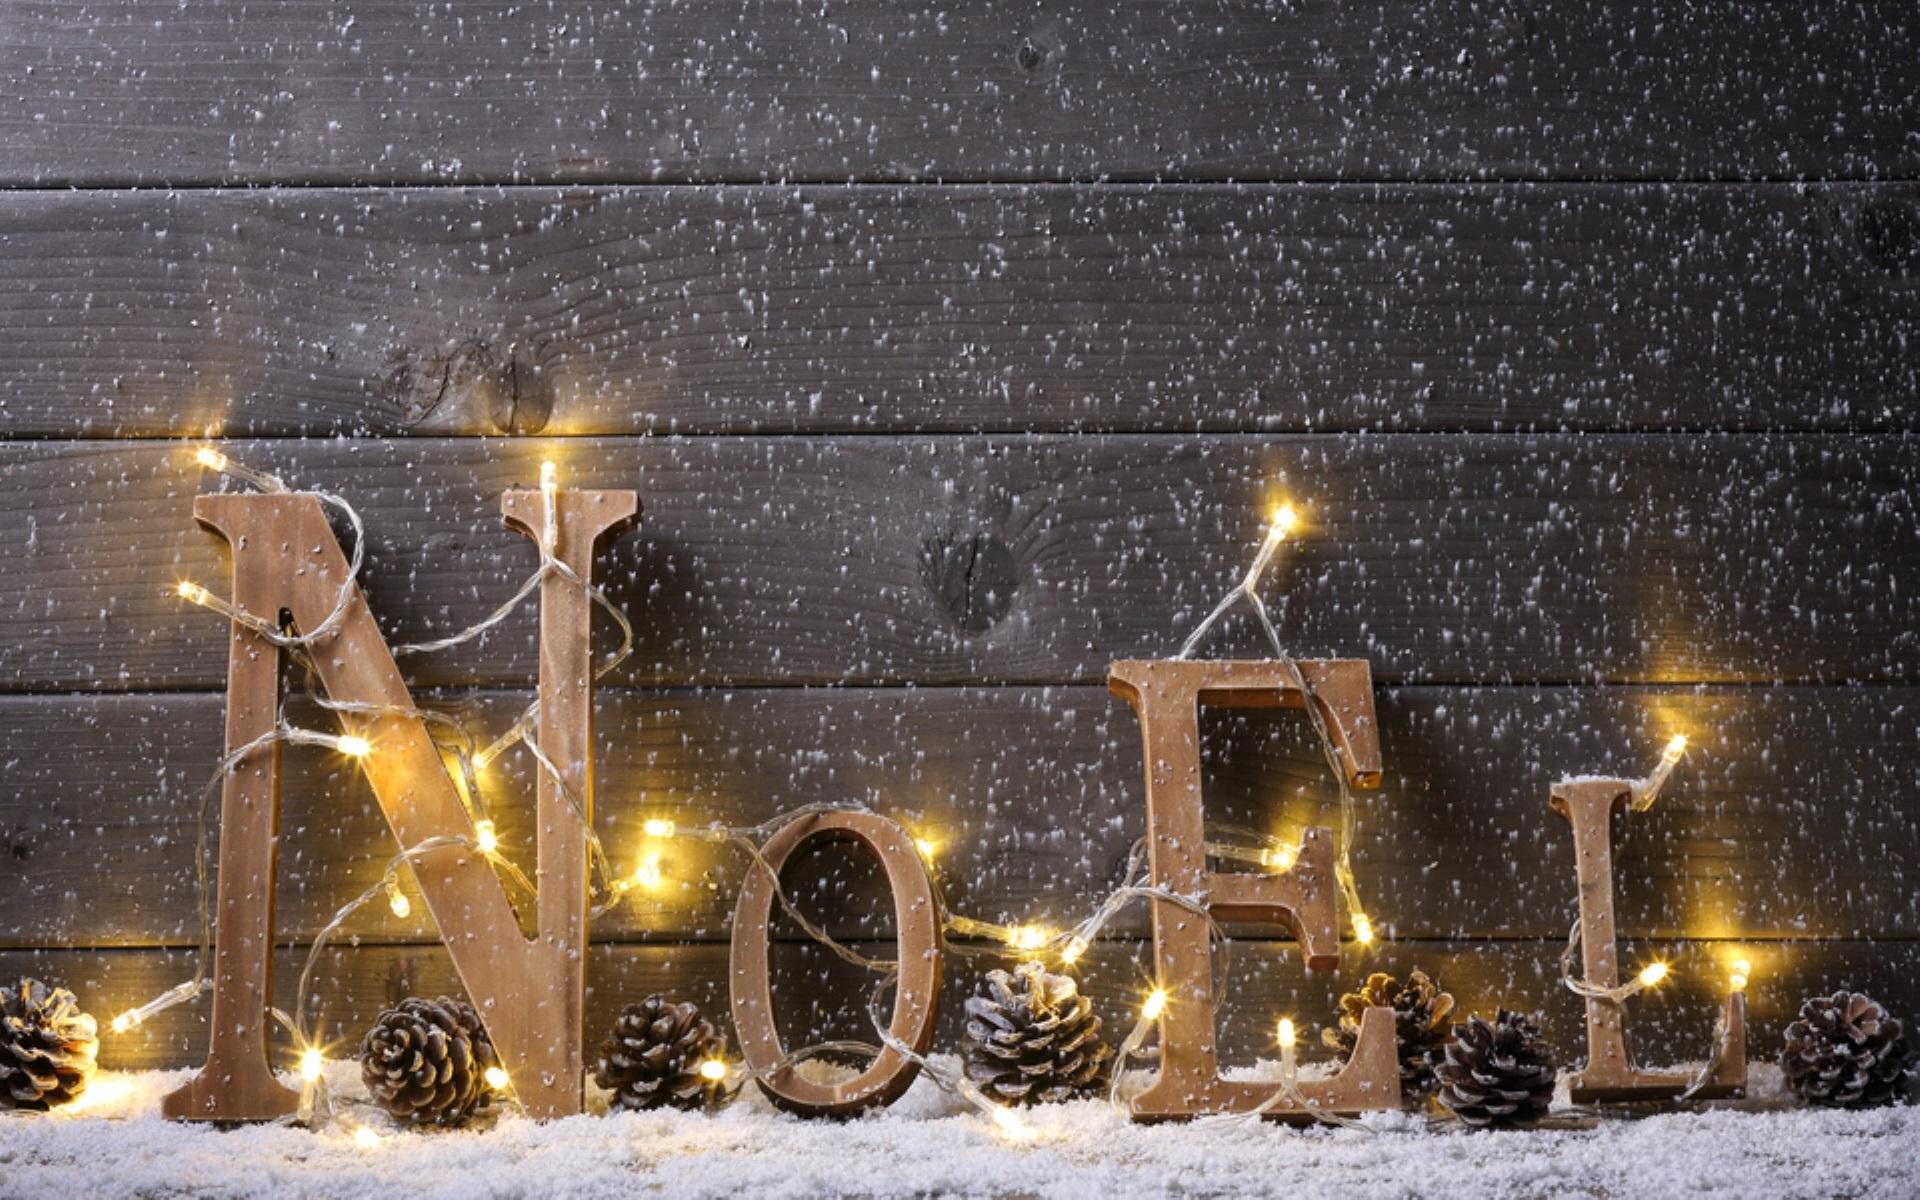 #A37D28 D'où Vient L'esprit De Noël ? Blog De Culture Et Formation 5875 decoration de noel jardiland 2015 1920x1200 px @ aertt.com